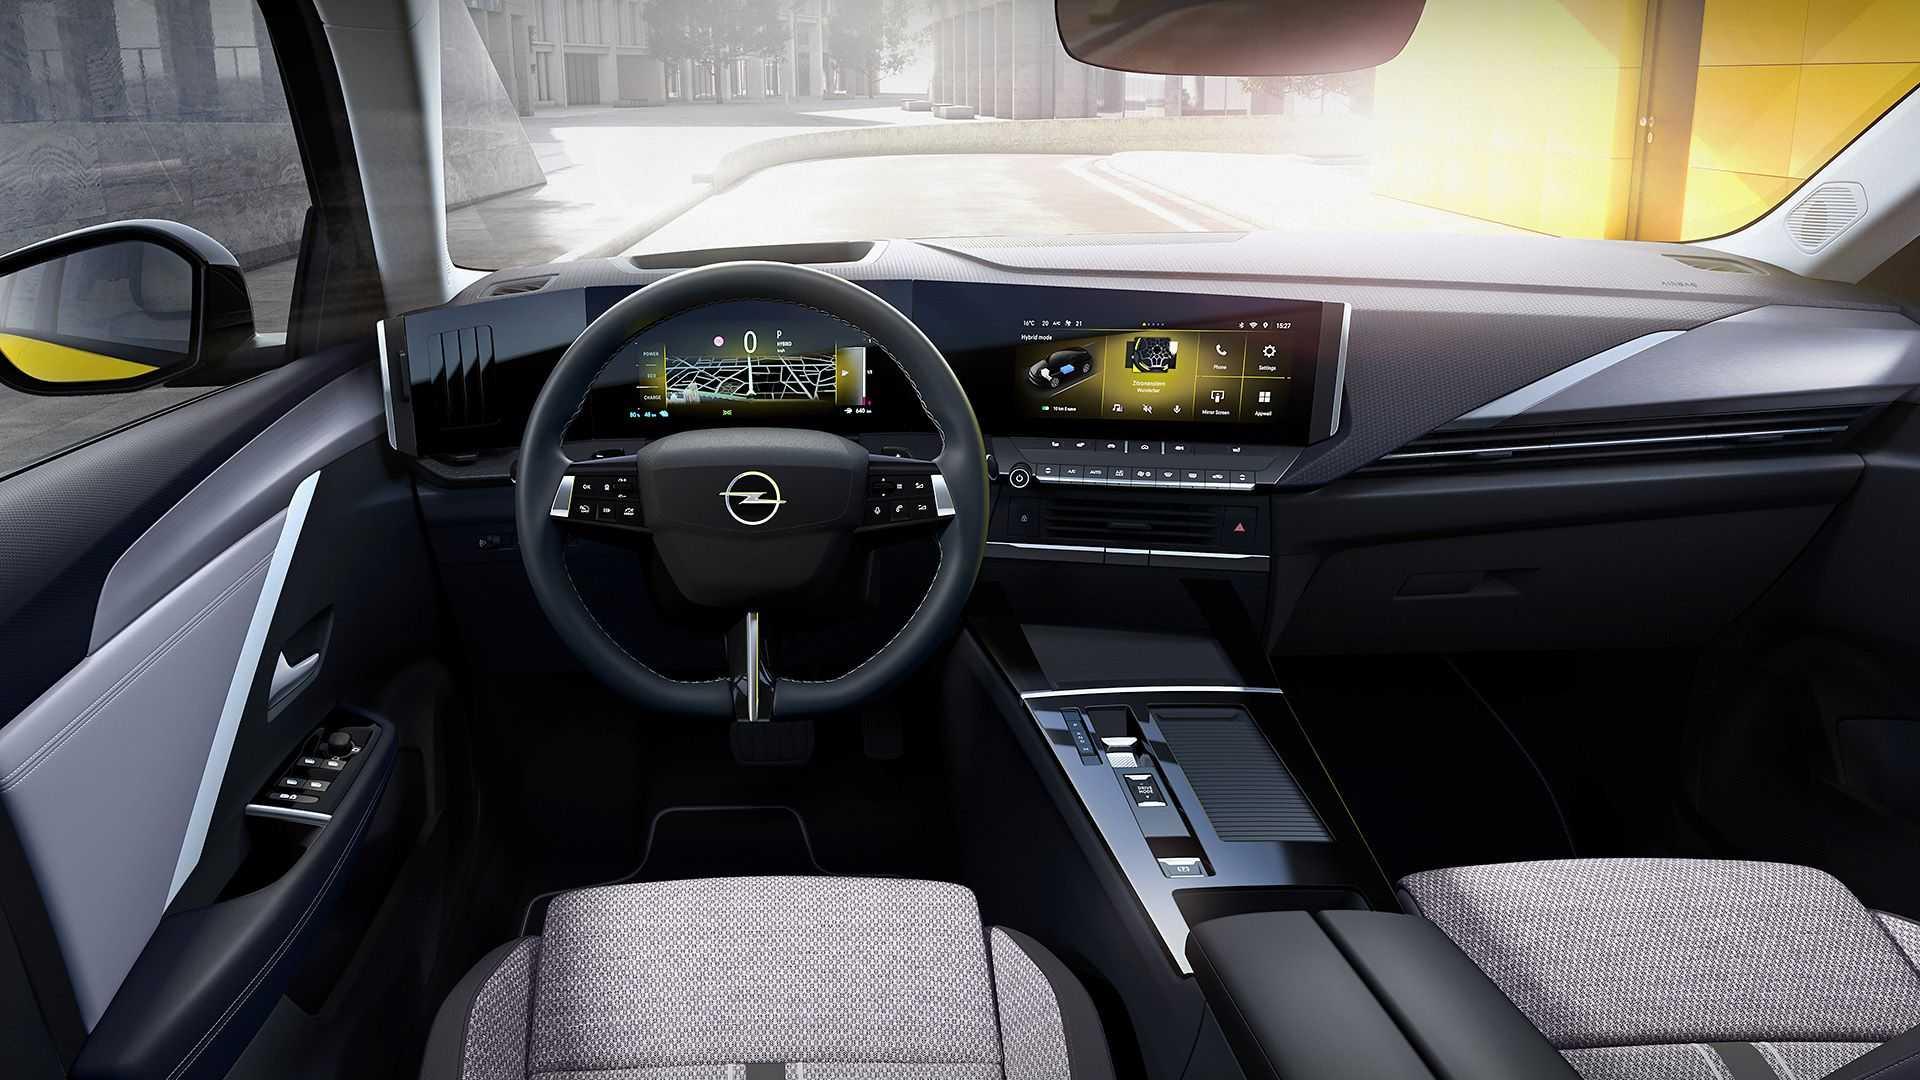 Хэтчбек OpelAstra шестого поколения представлен официально 2